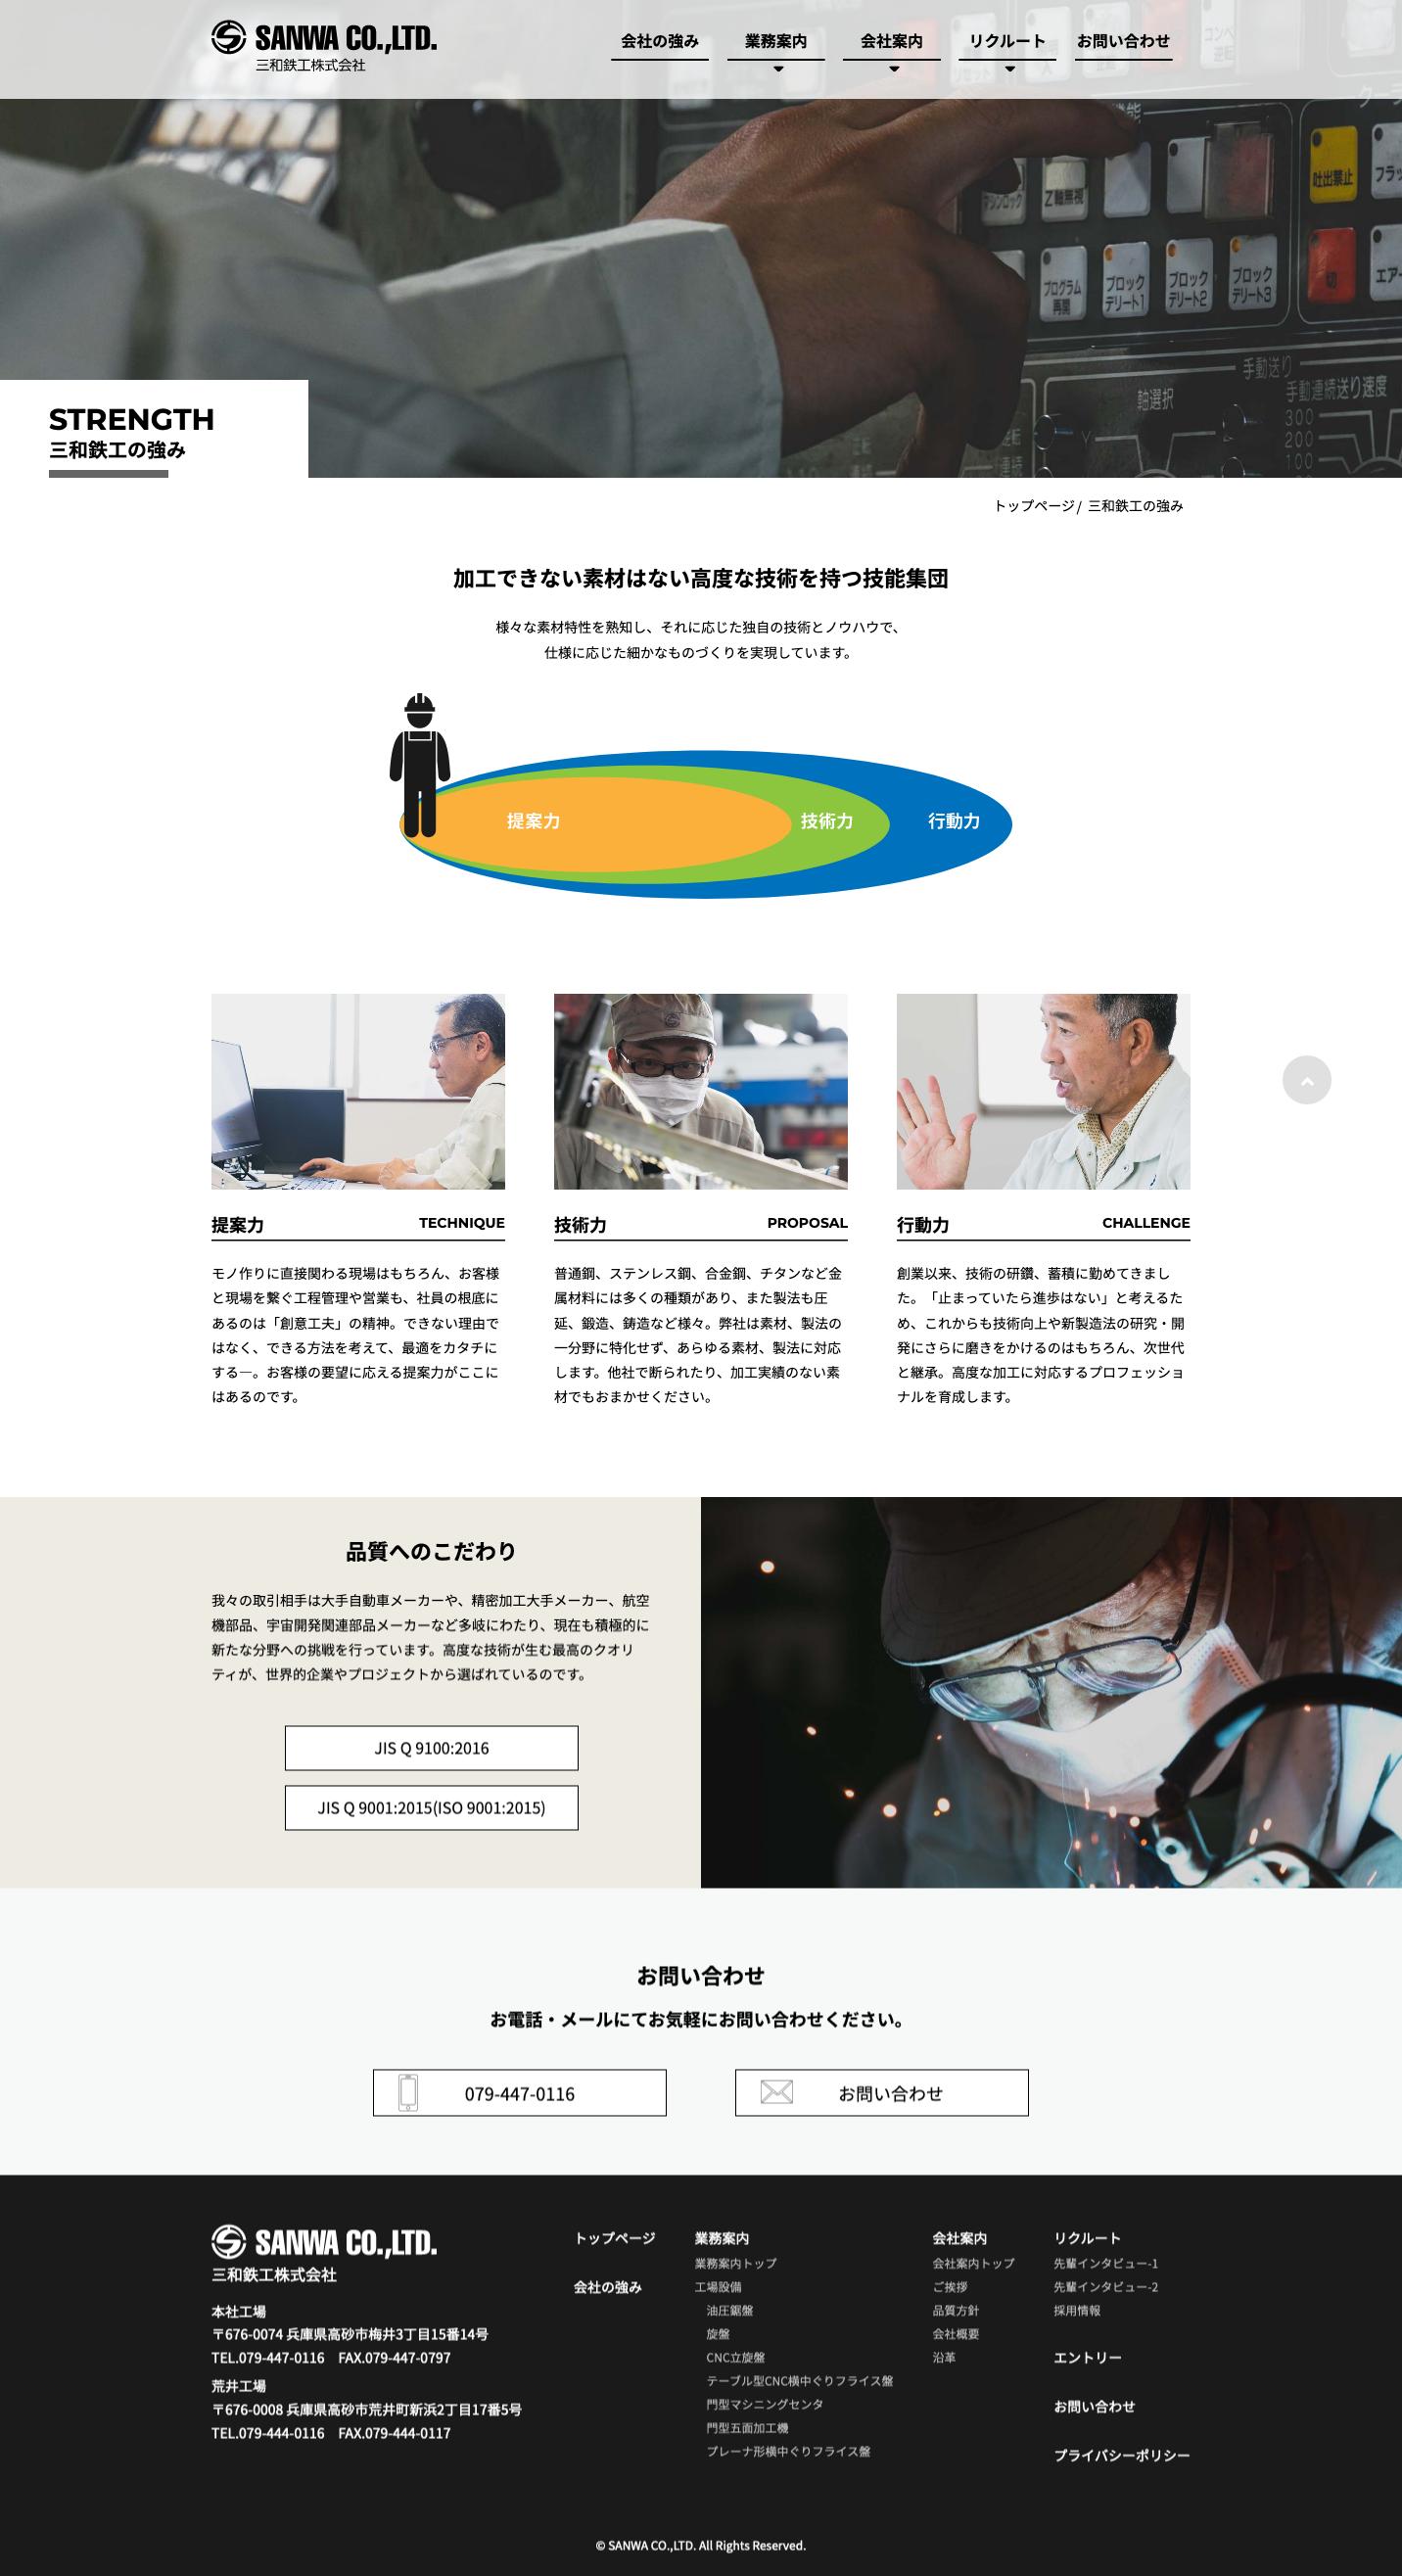 三和鉄工株式会社WEB SITE